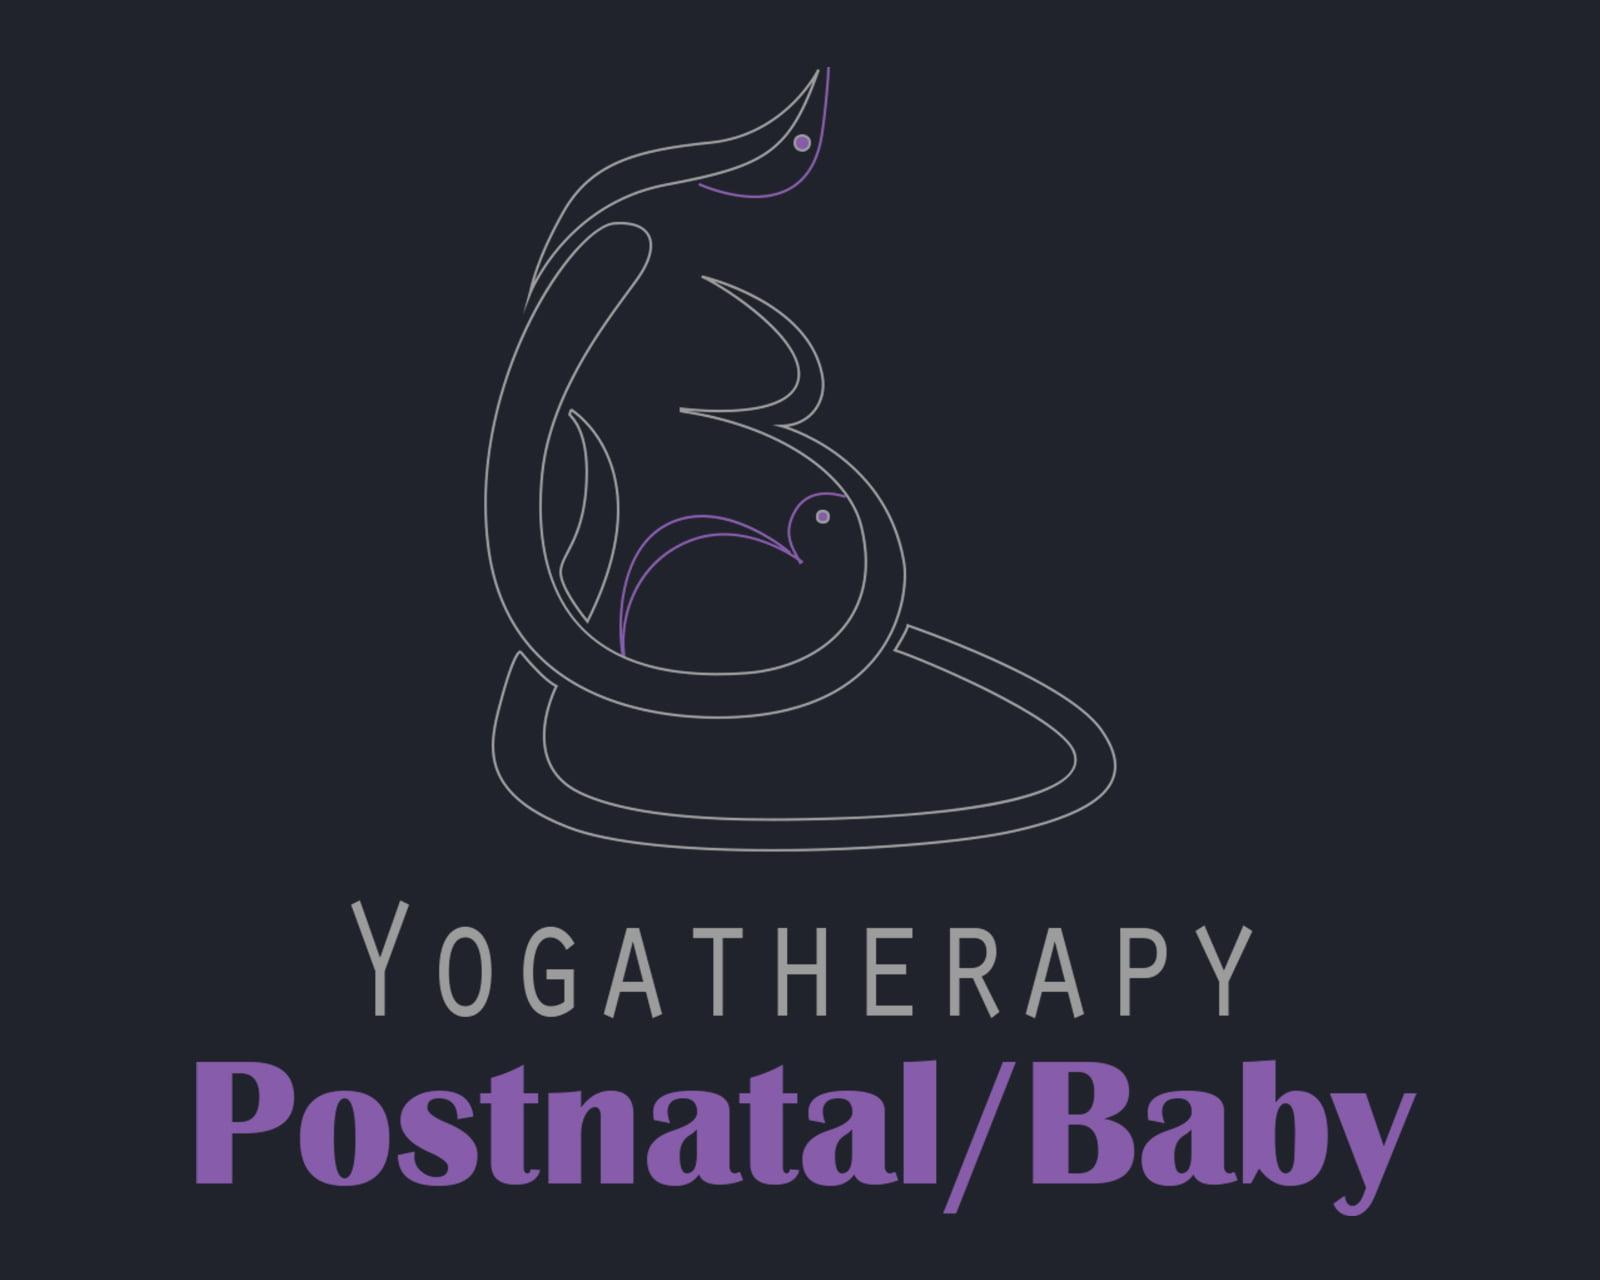 Yogatherapy Postnatal or Baby